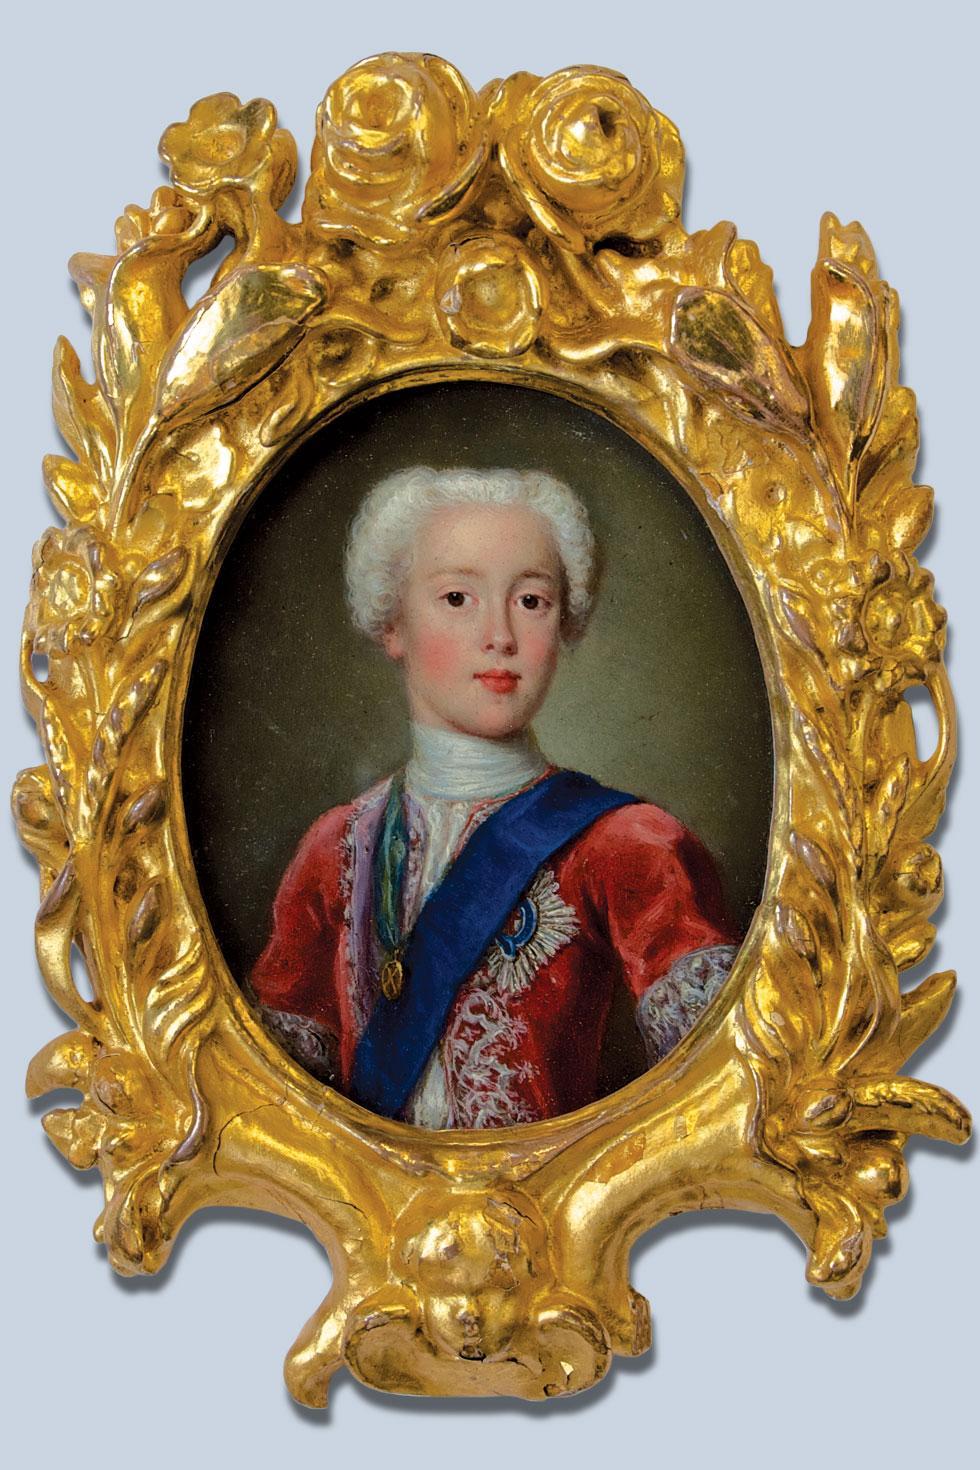 Fairfax House - Jacobite Portrait